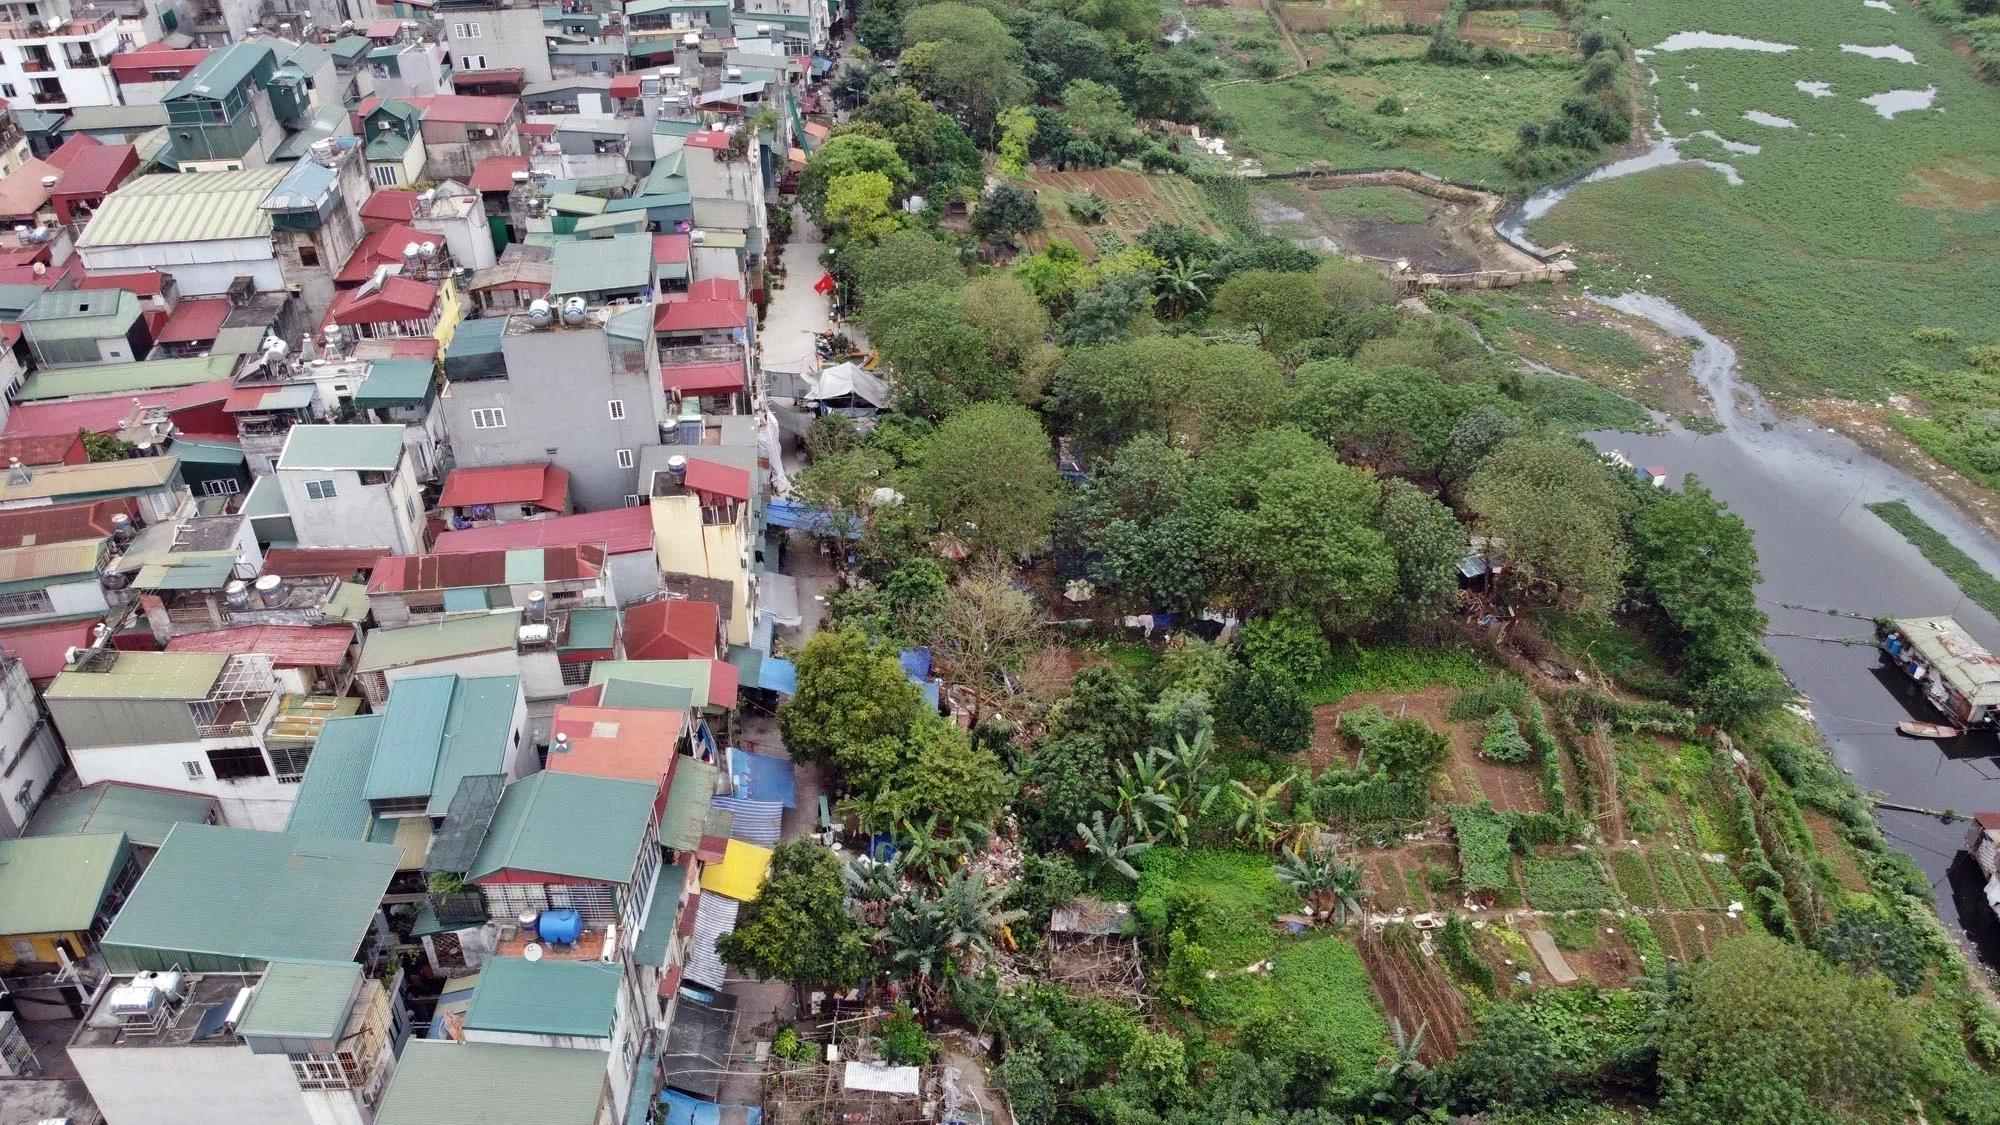 Toàn cảnh hiện trạng Phân khu đô thị sông Hồng trên địa bàn quận Hoàn Kiếm - Ảnh 13.